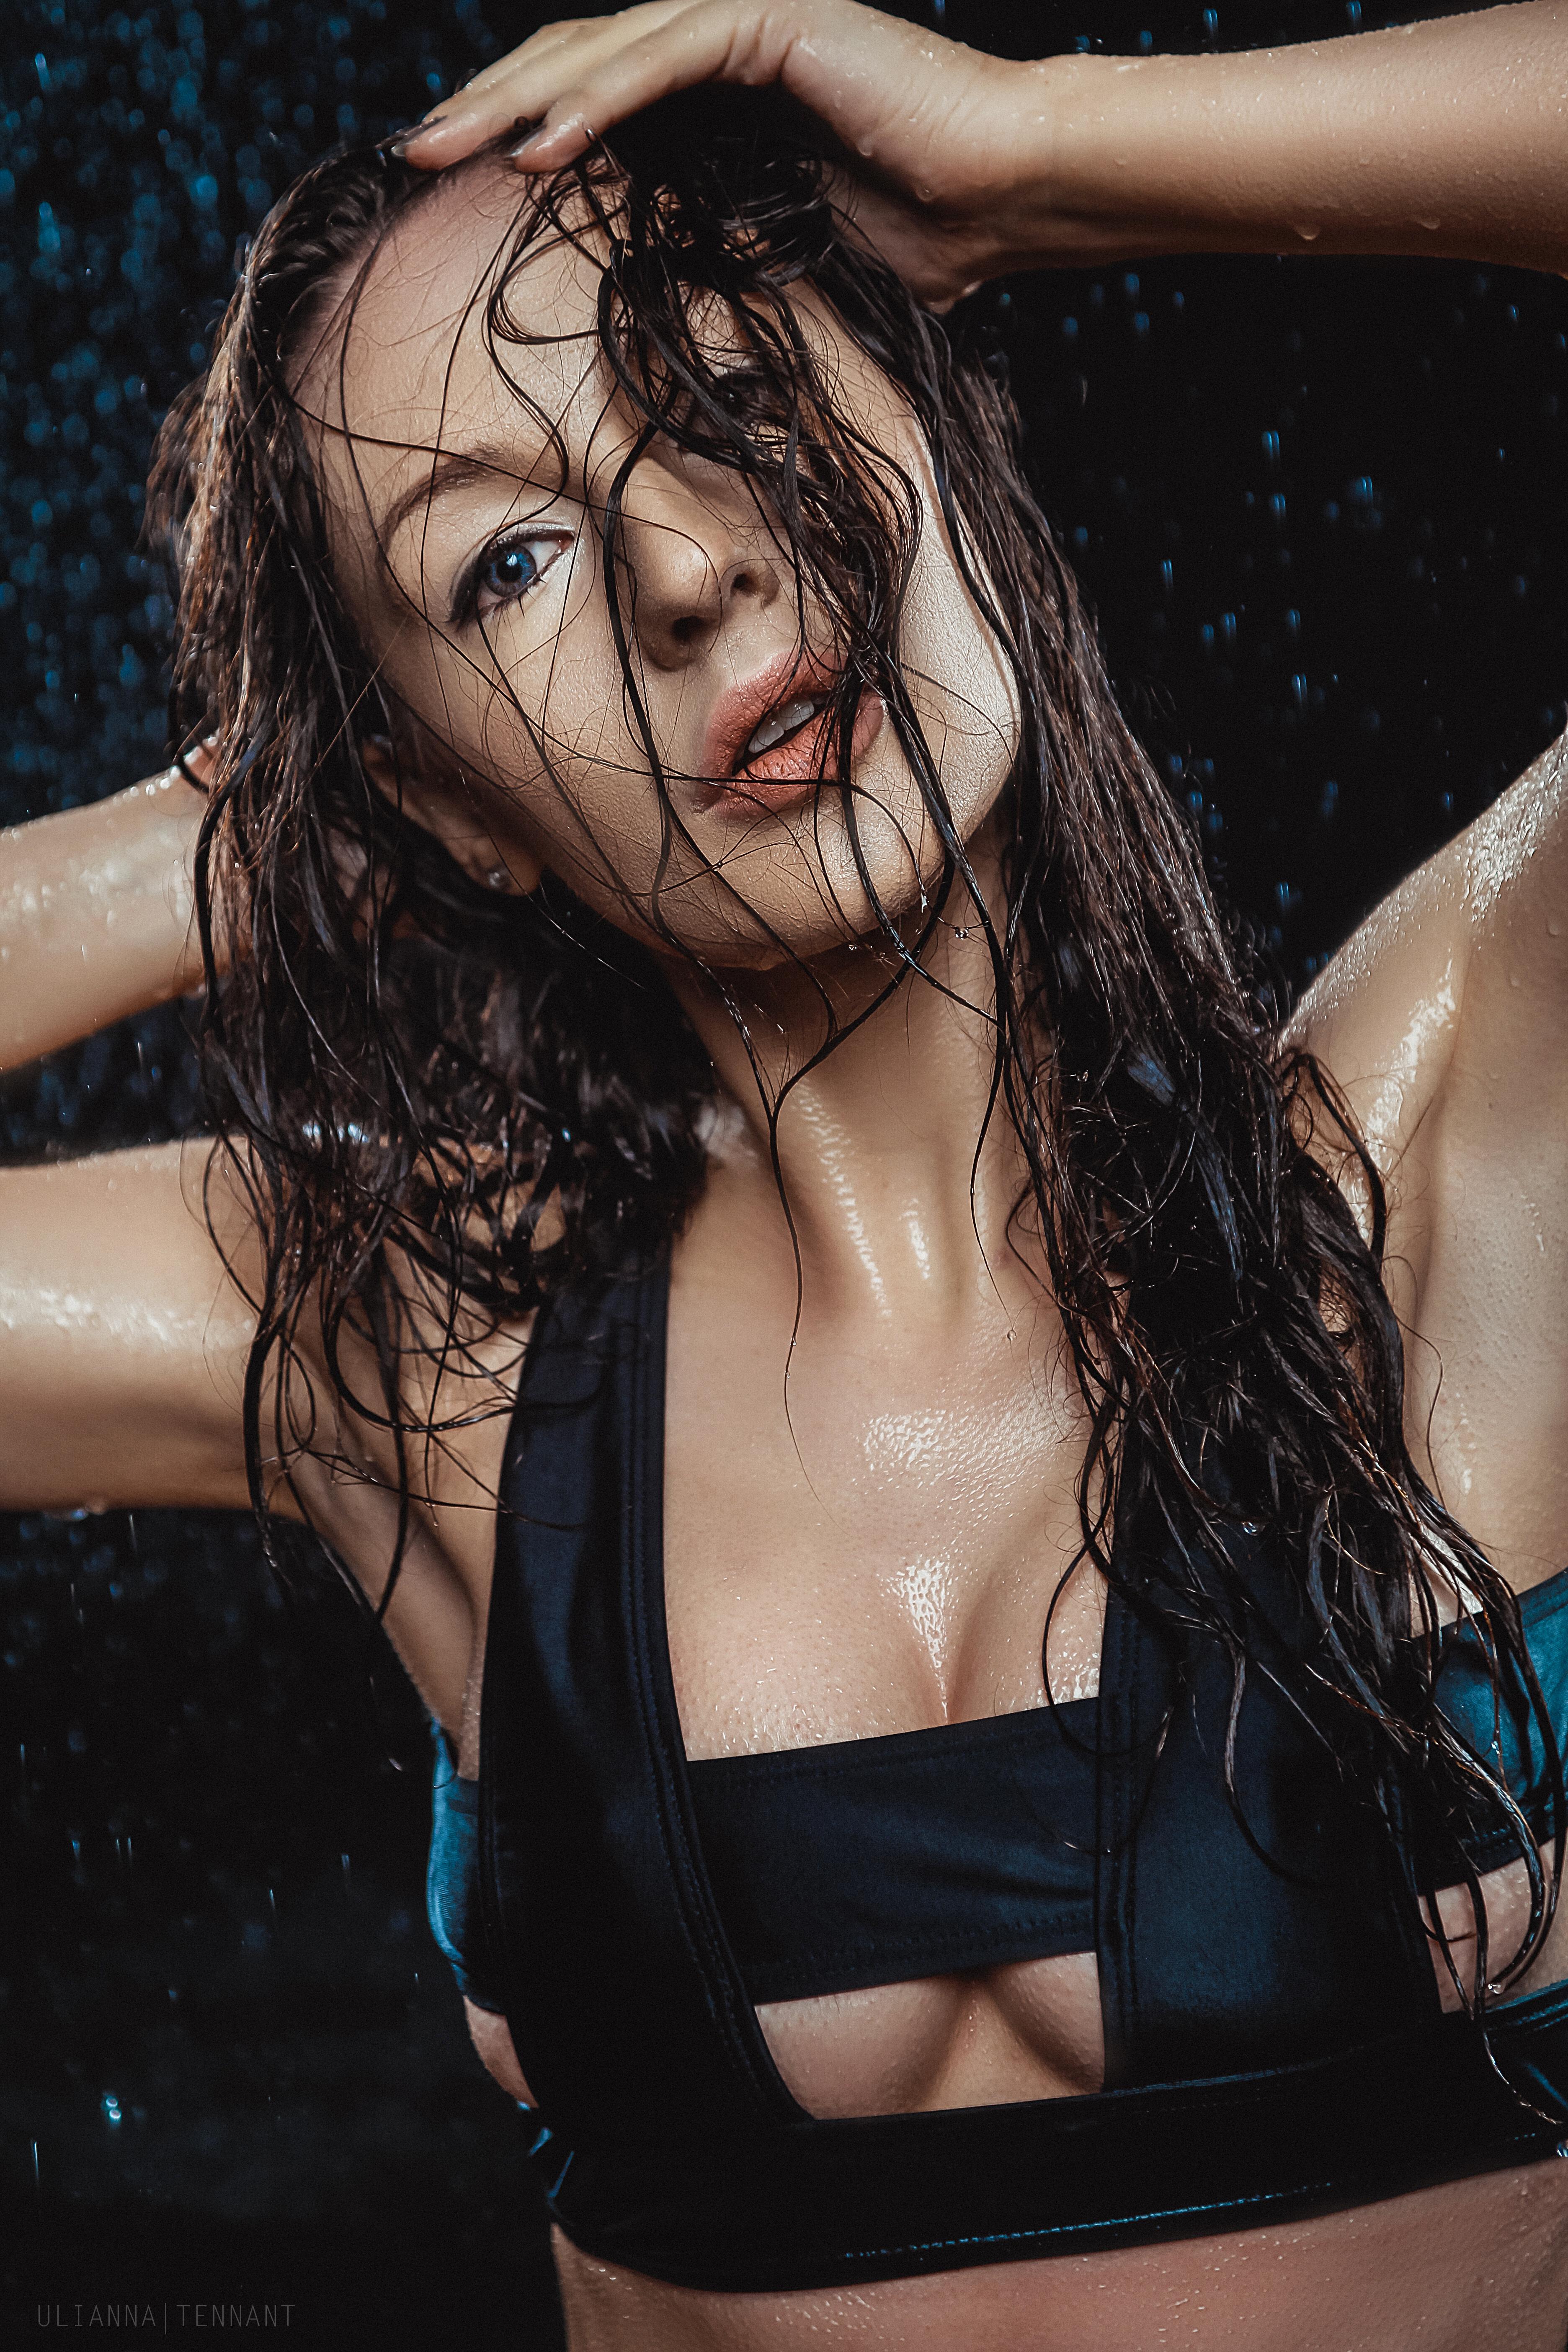 портрет девушки в воде с мокрыми волосами